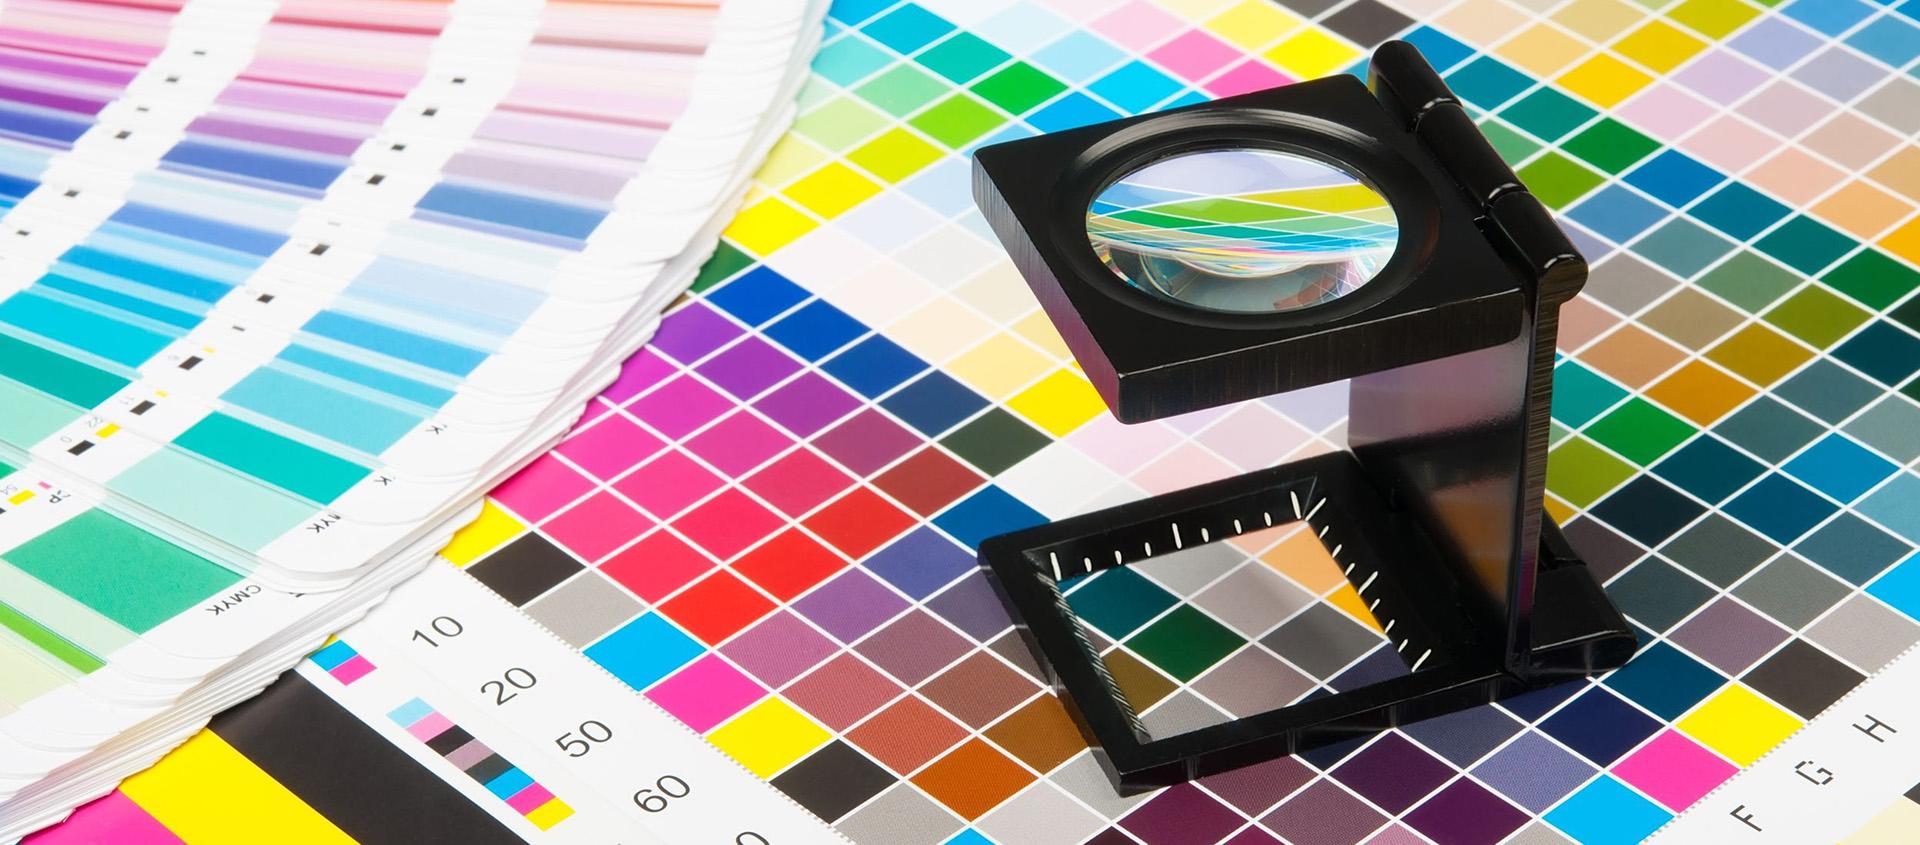 Jūsų darbai sublizgės naujomis, ryškiomis spalvomis!